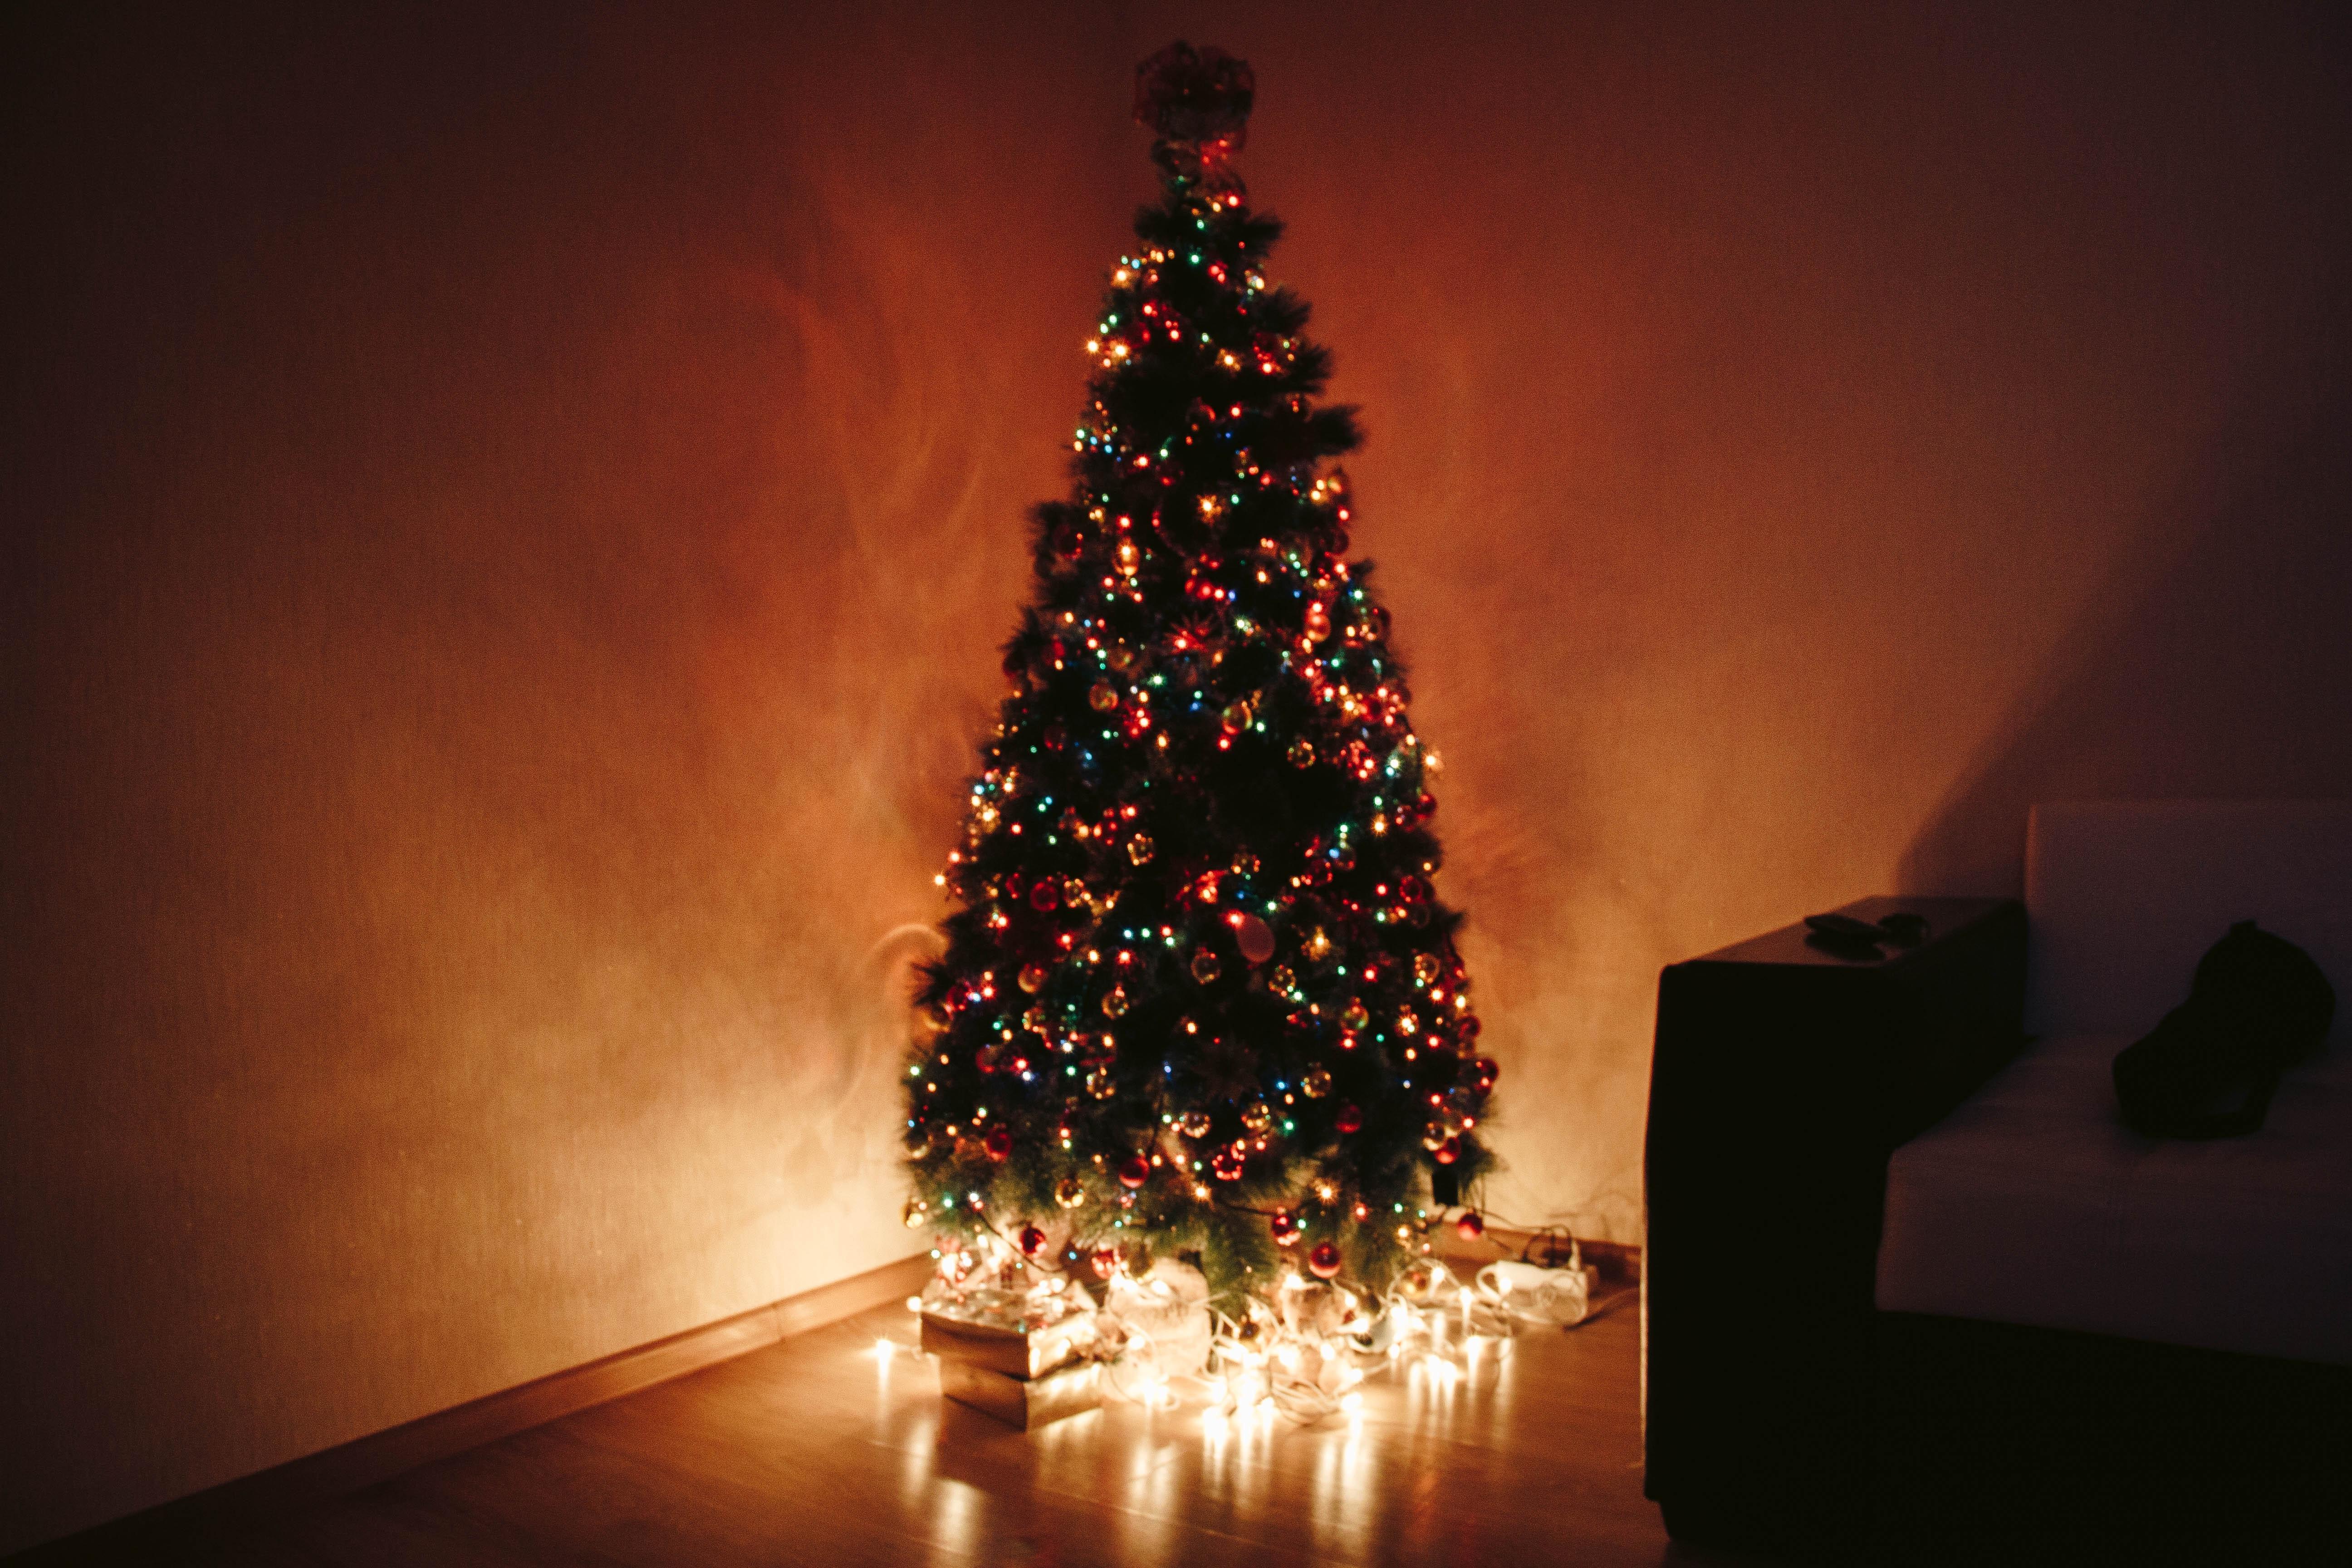 Christmas tree with candles and Christmas lights